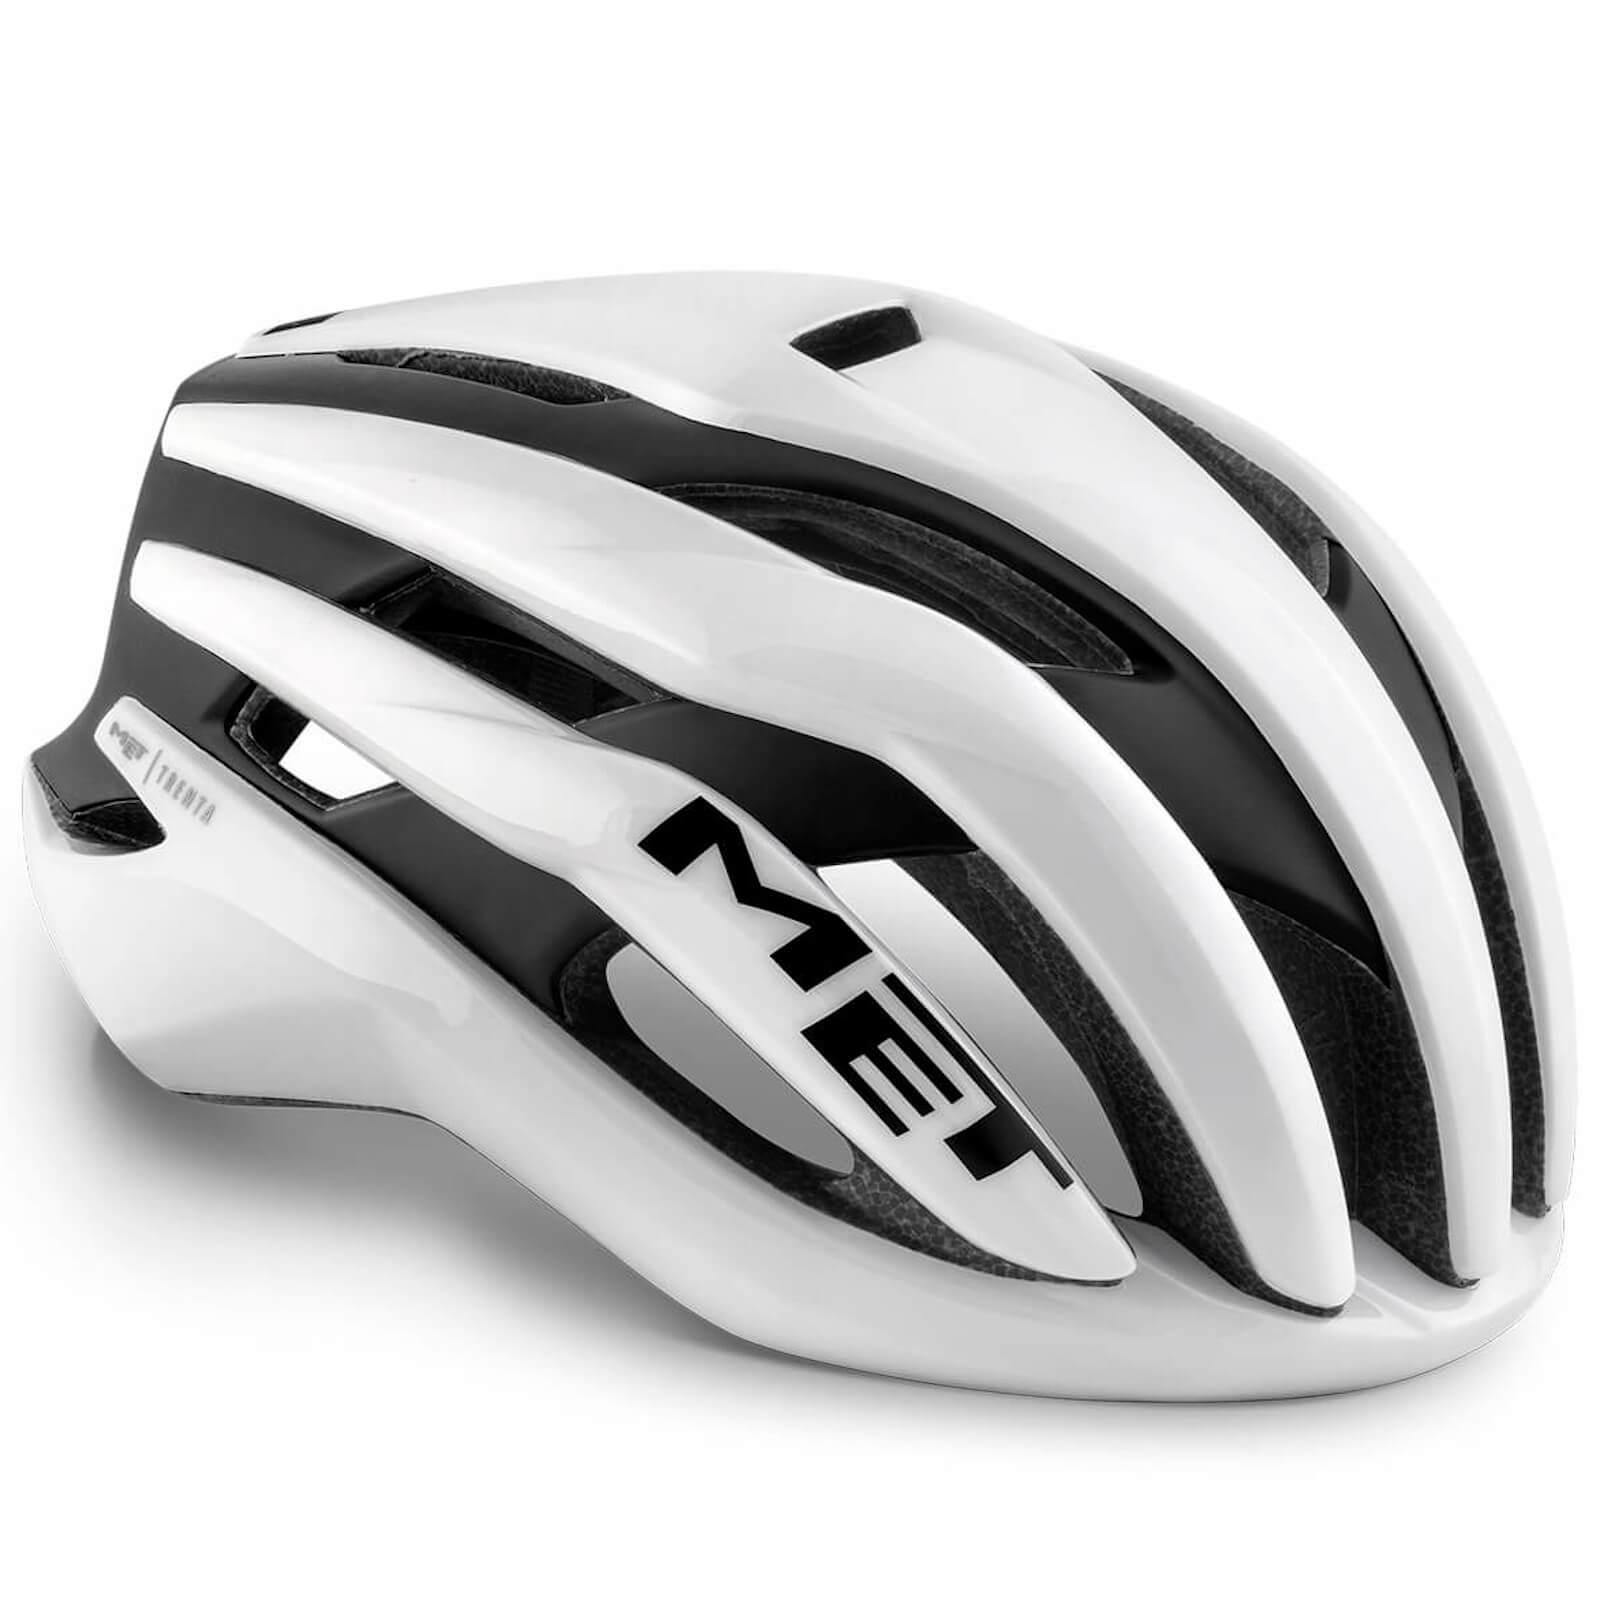 MET Trenta MIPS Road Helmet - M/56-58cm - White Black